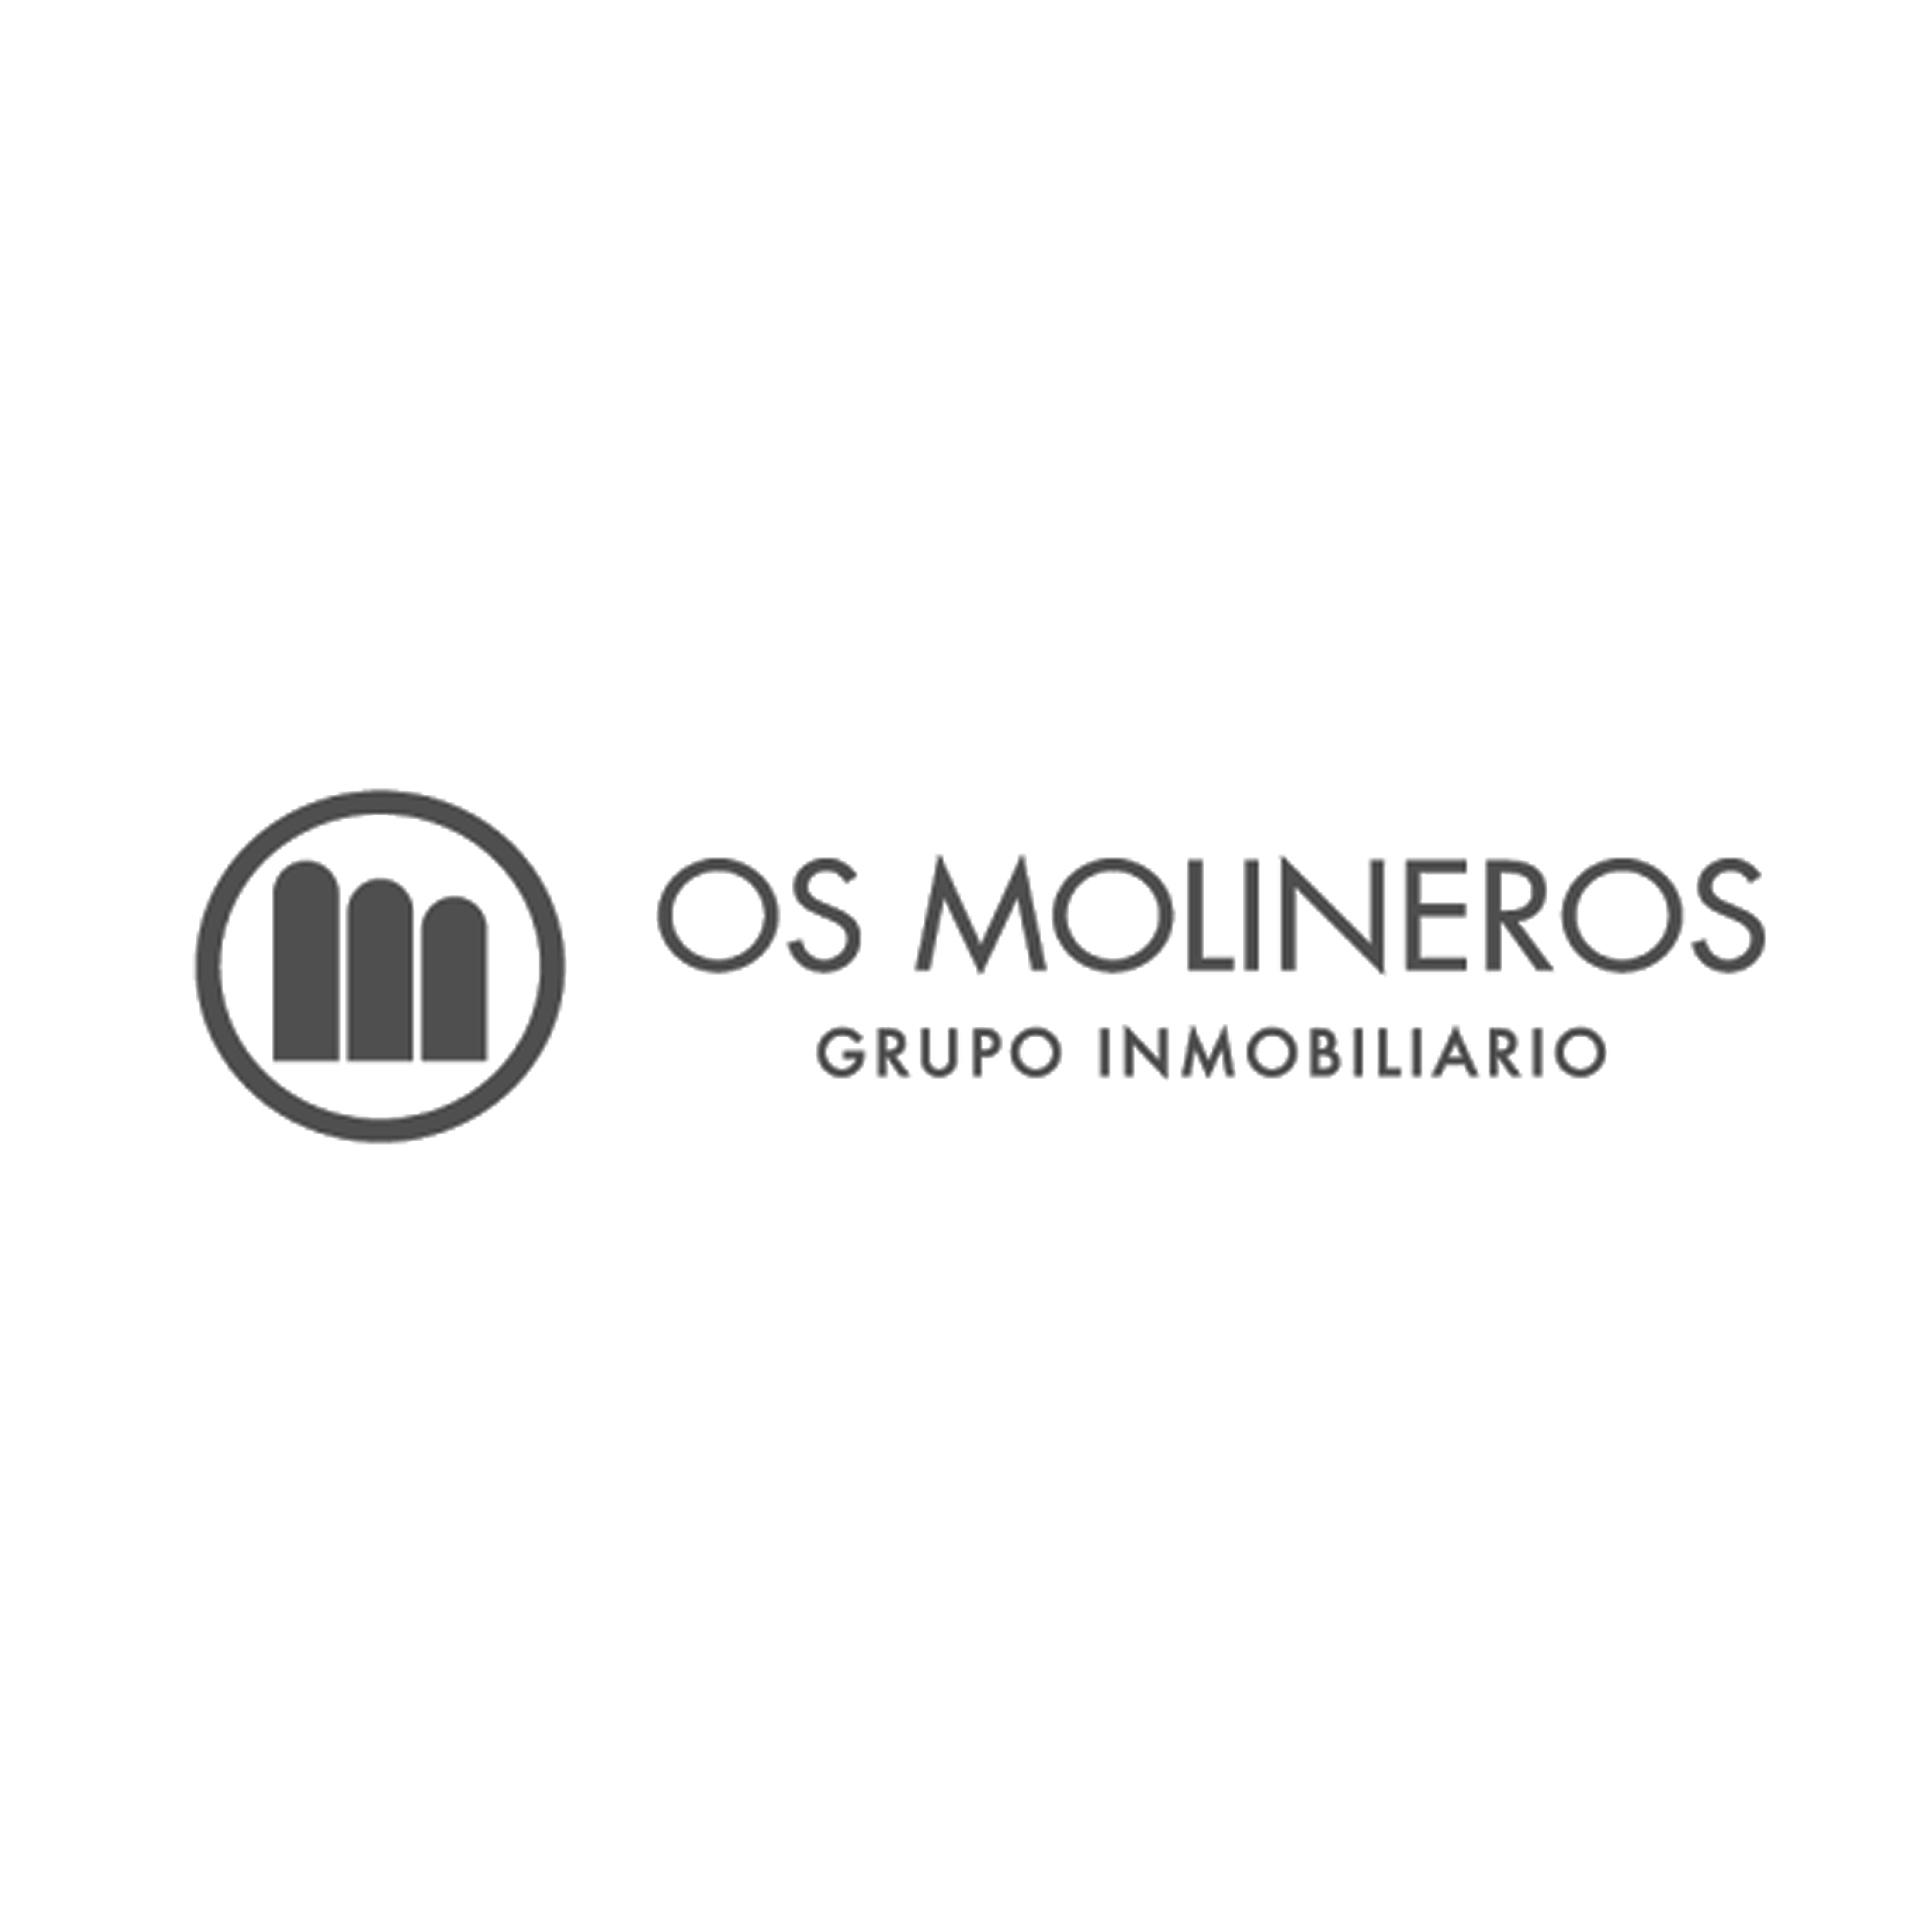 11_OS MOLINEROS